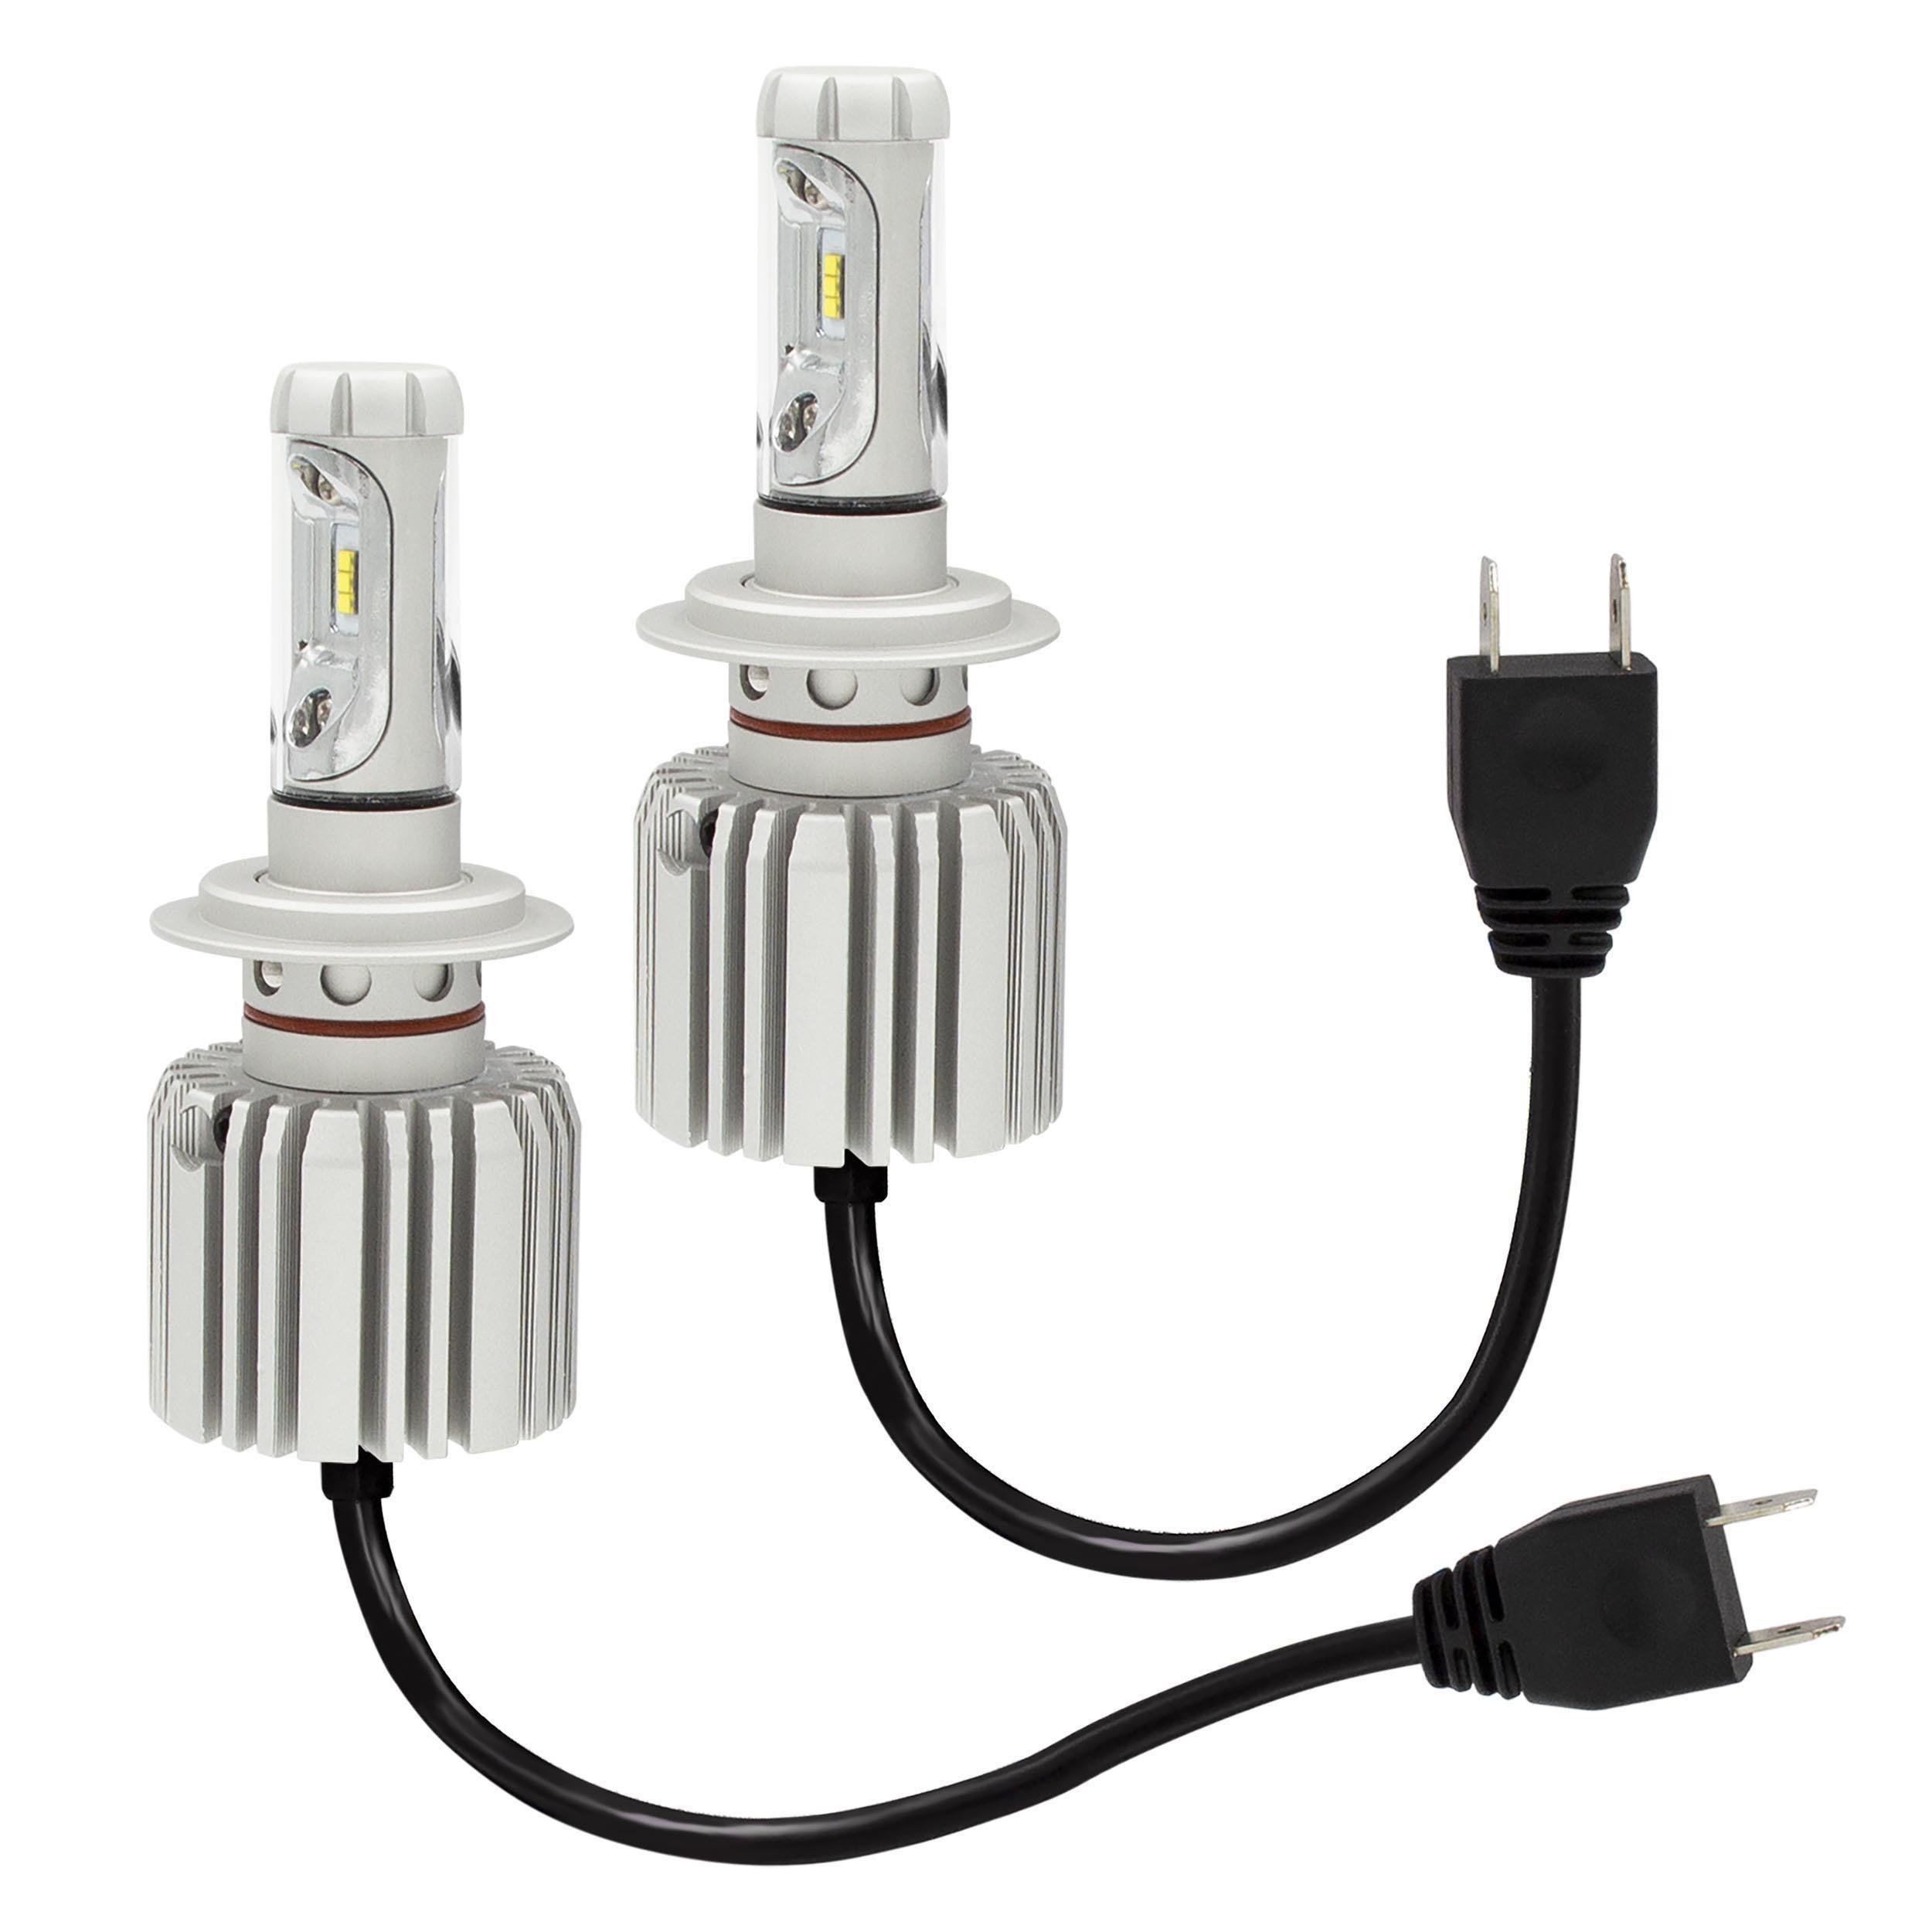 H7 LED Kit - Single Beam, Pair